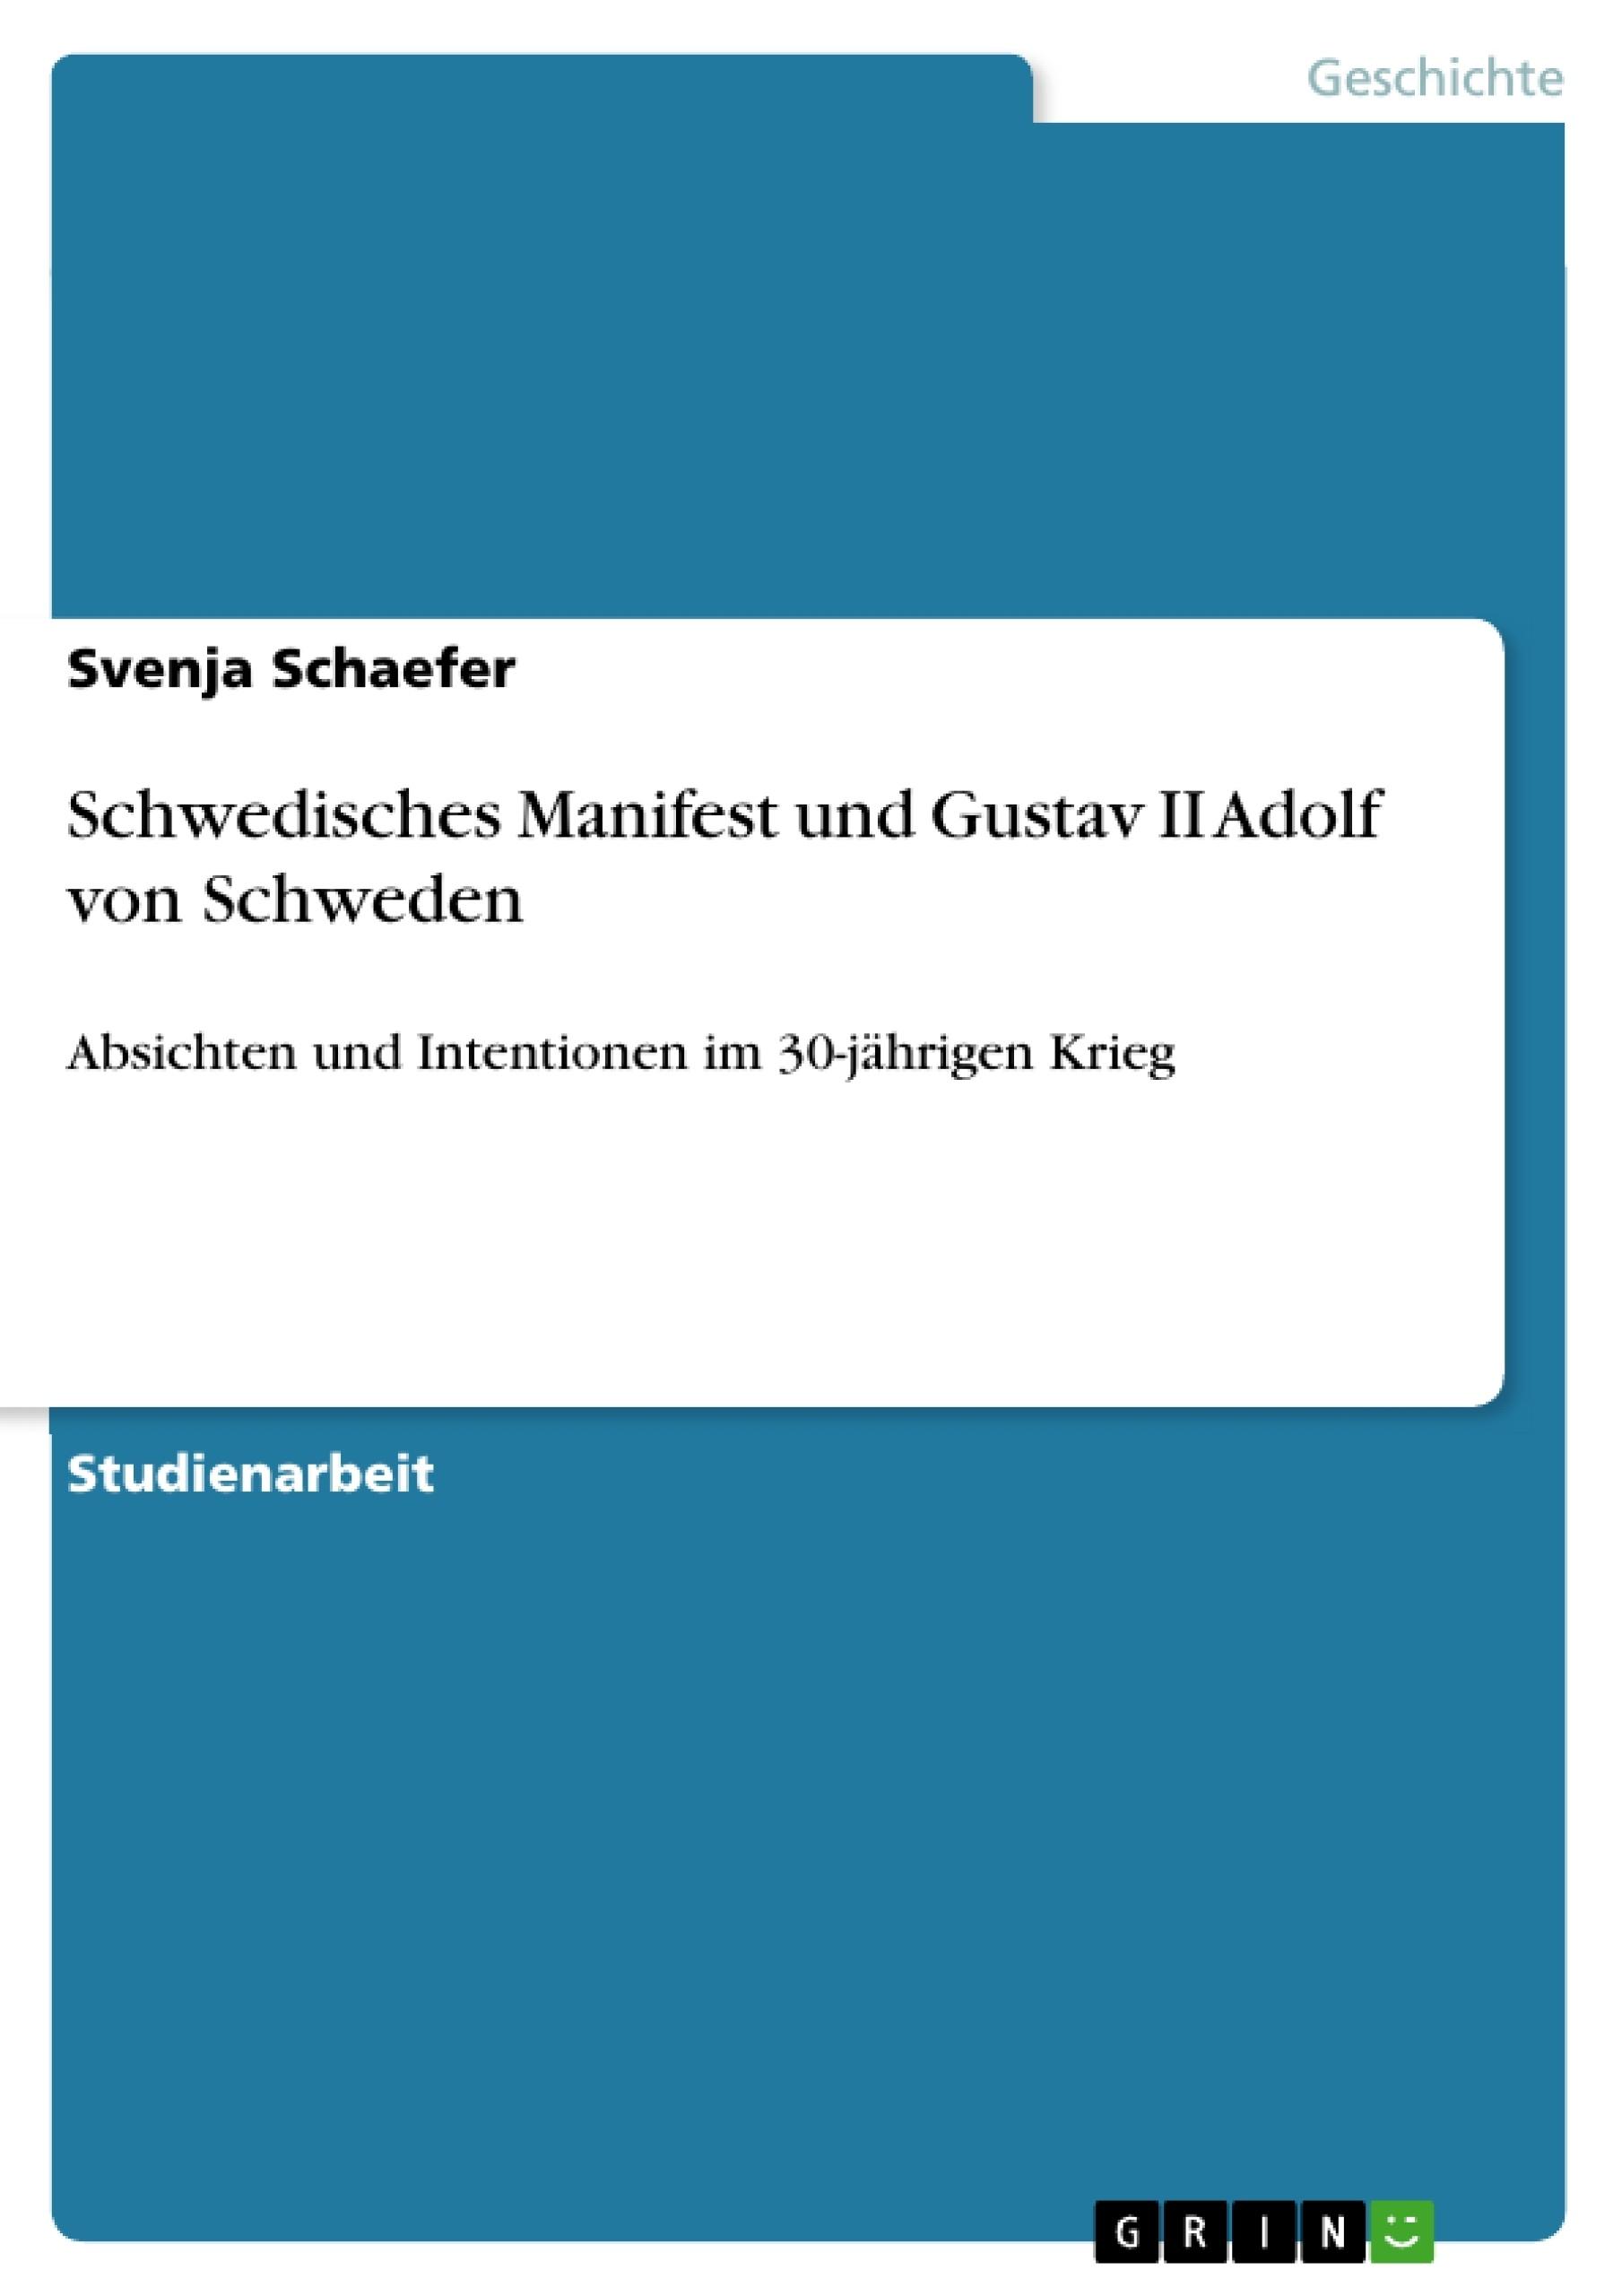 Titel: Schwedisches Manifest und Gustav II Adolf von Schweden